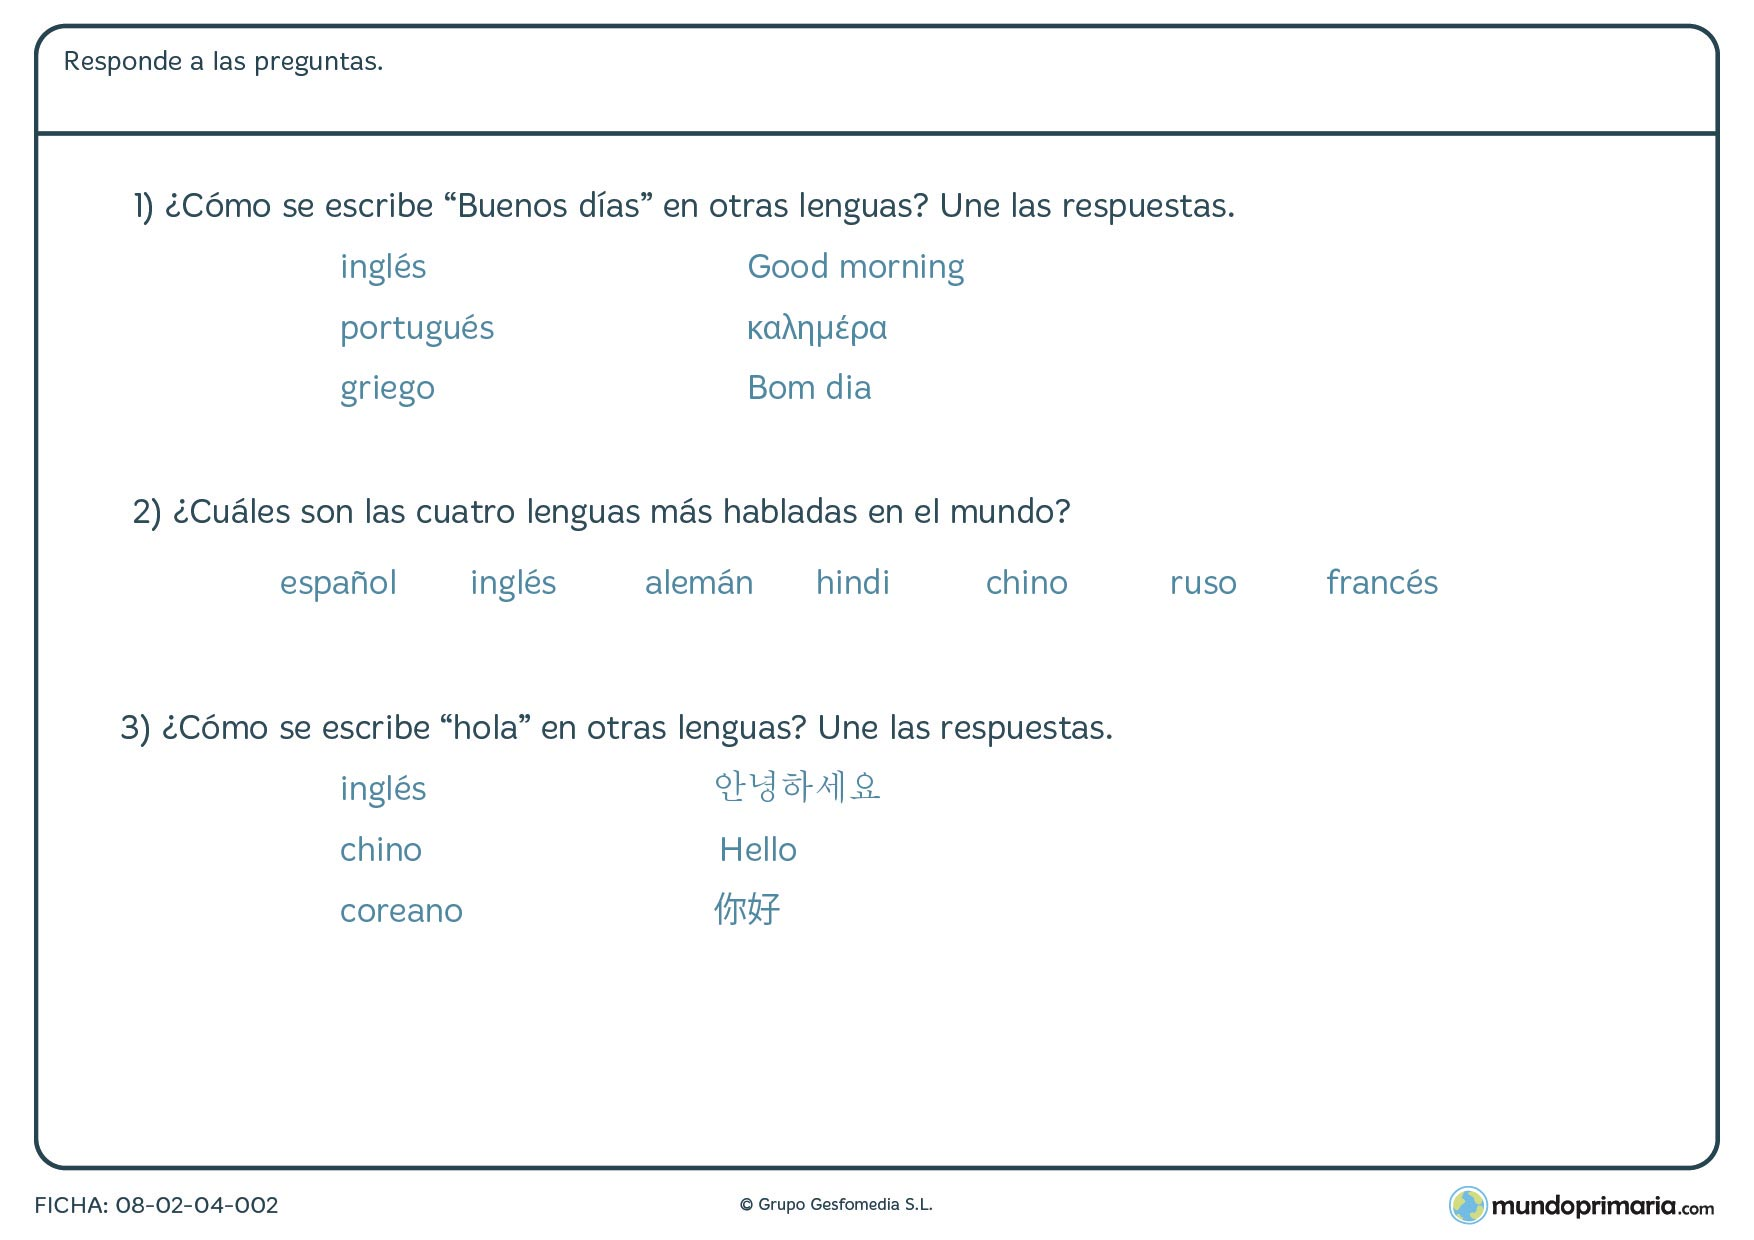 Ficha de variedad lenguas con varias preguntas para rsponder eligiendo las opciones adecuadas.